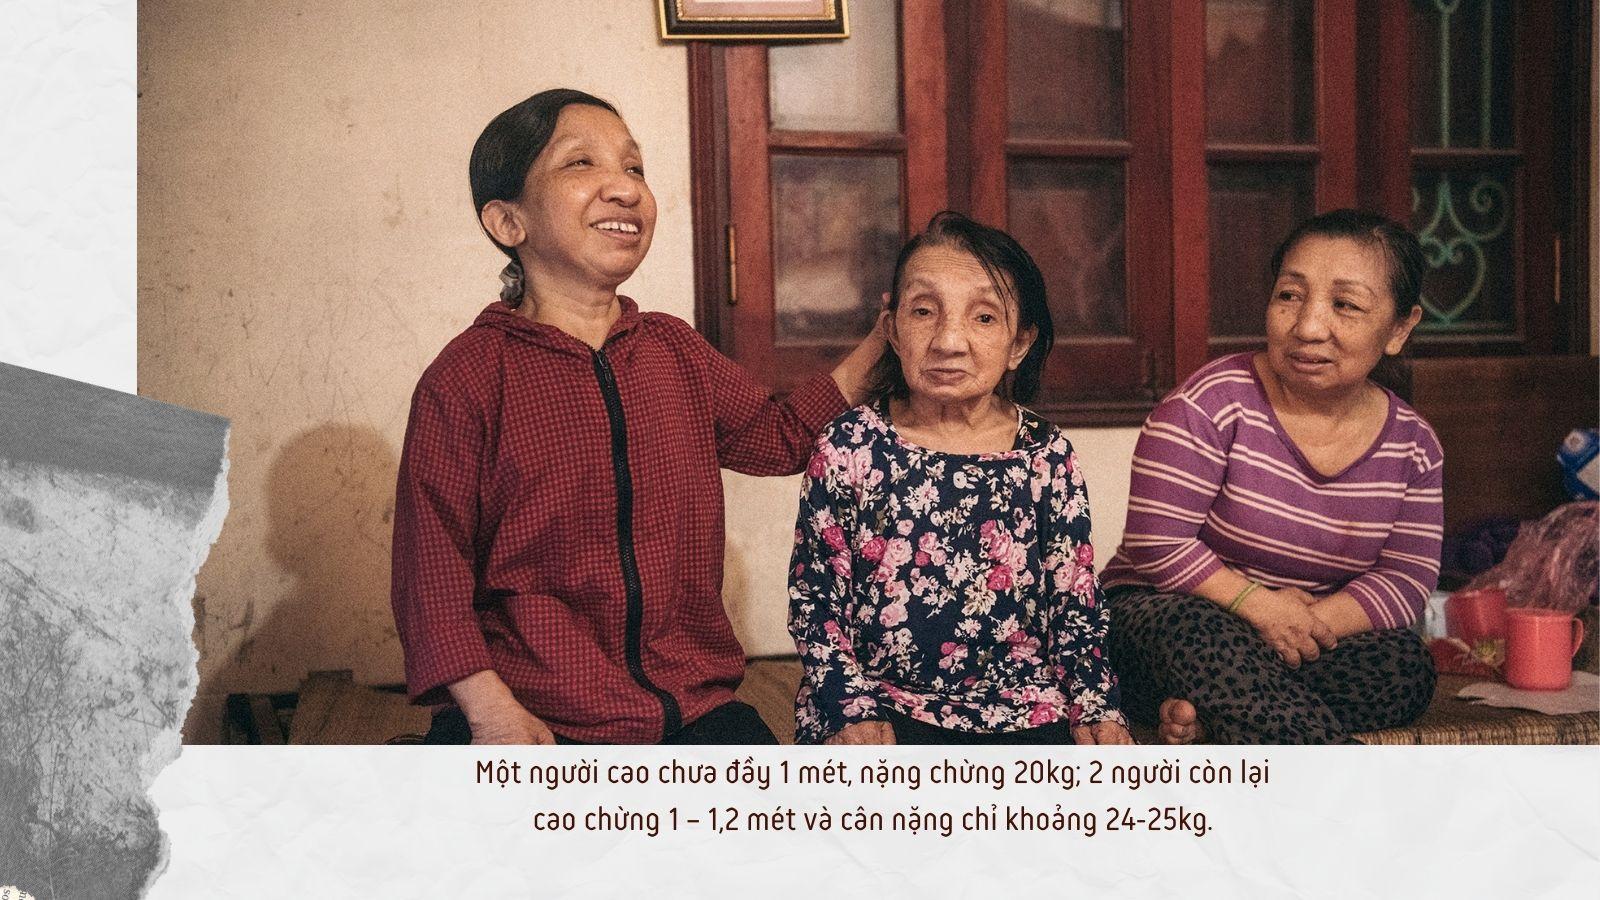 """Ba người phụ nữ không chồng, bị """"trời đày"""" trong thân hình những đứa trẻ - 4"""